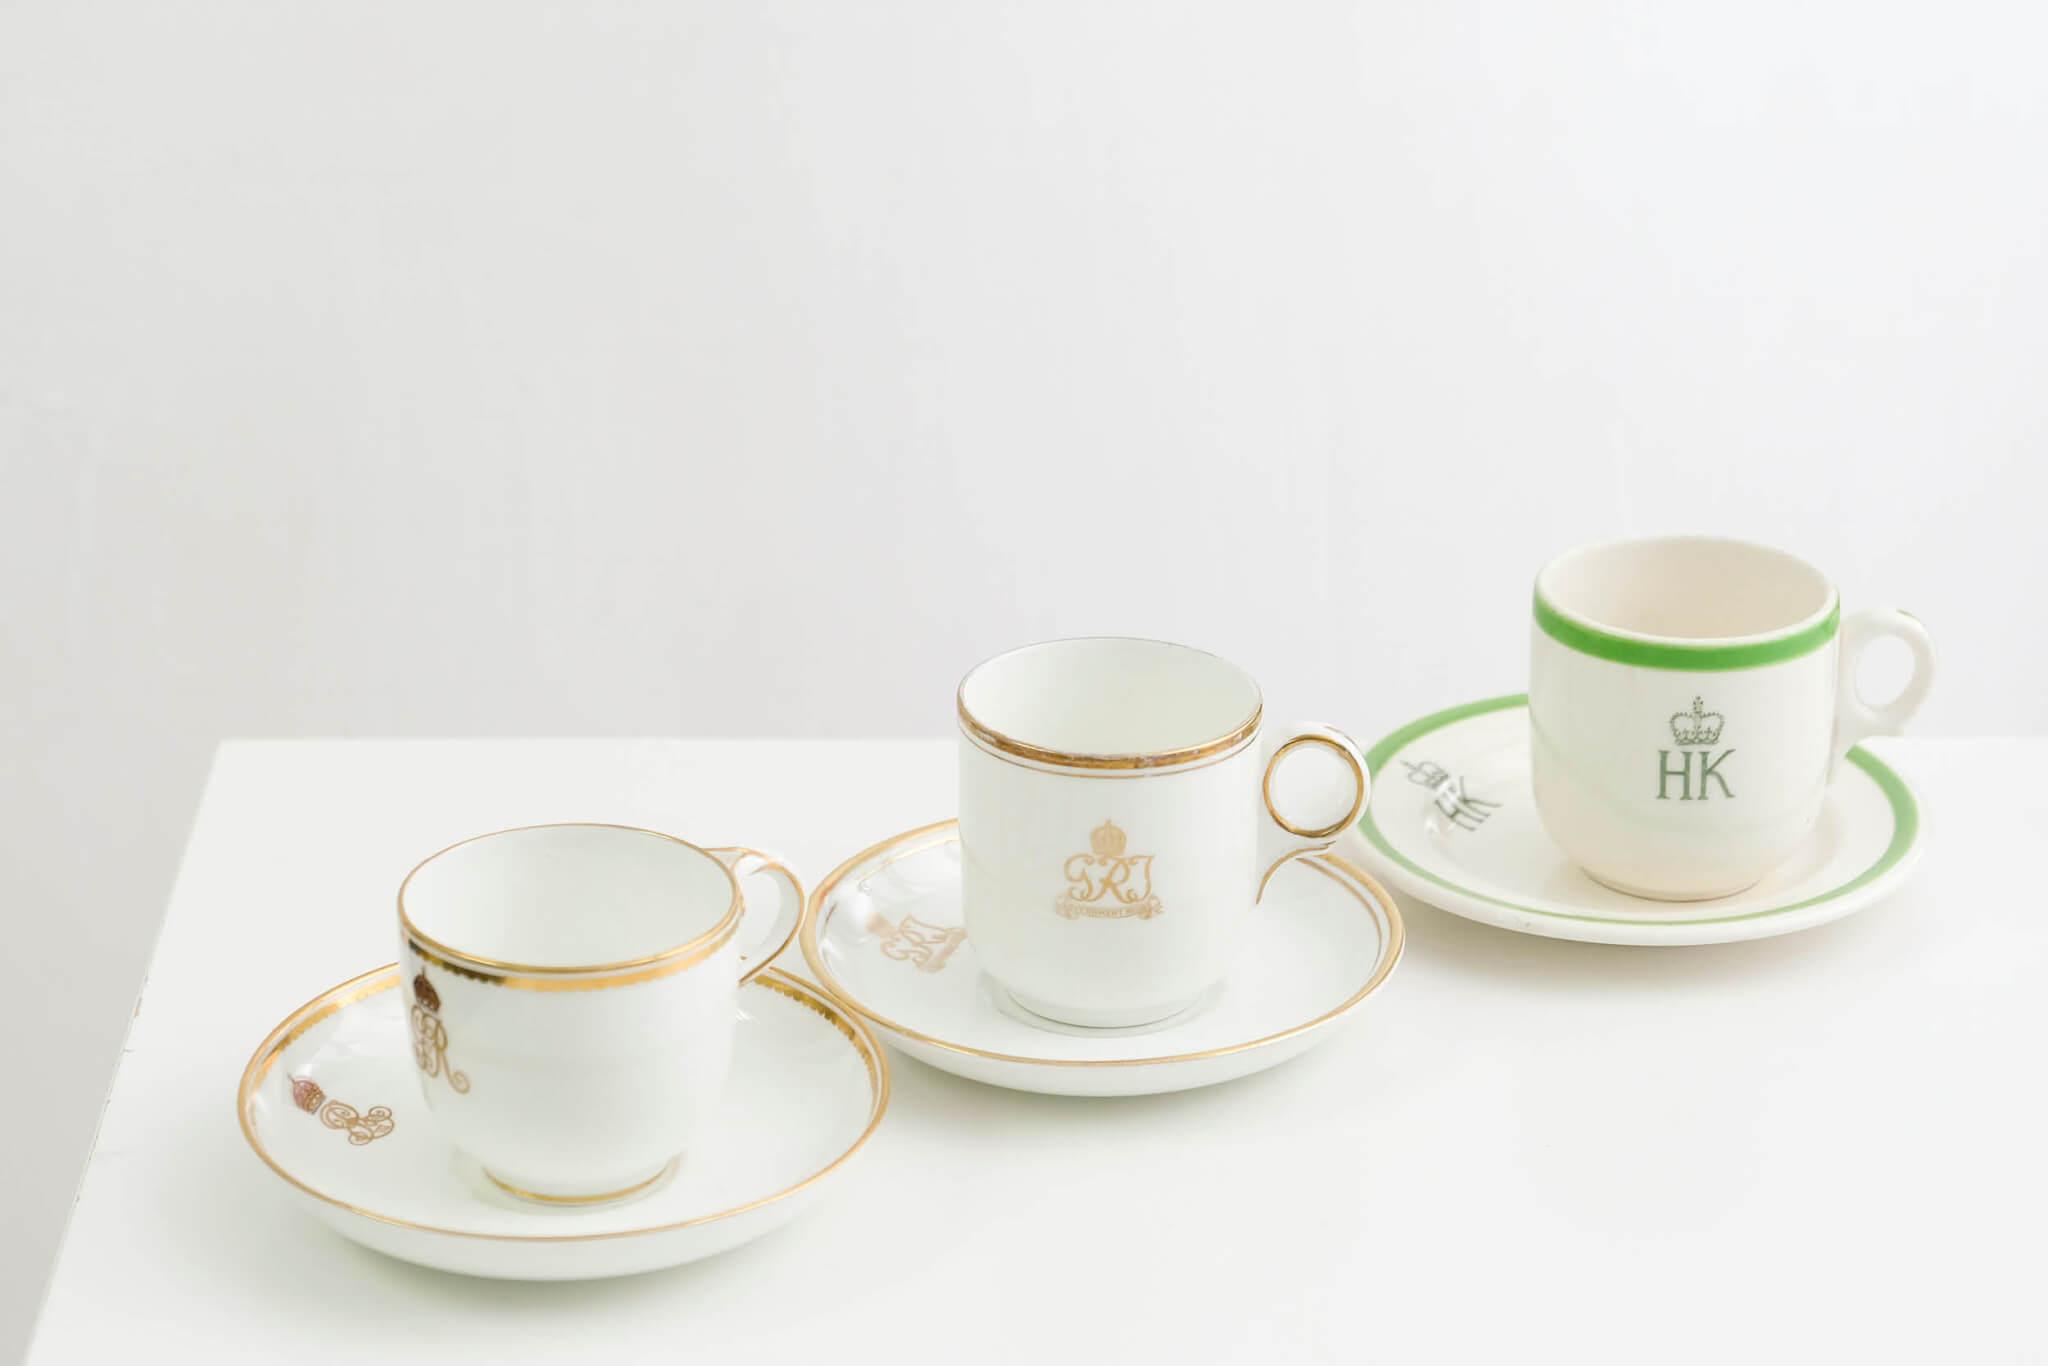 (中)總督 // GRI的徽號及Government House的字樣,代表瓷杯為英皇佐治五世至六世的總督府器具。 皇室 // 英皇喬治五世的產物(GR V)。曾出現在皇家遊艇上,是皇室招待客人時使用的杯具。徽號中暗藏凸點設計,杯耳附有細緻精巧的凹凸雕飾,細膩程度更勝總督府之器具,透視出高貴身份與權杖。